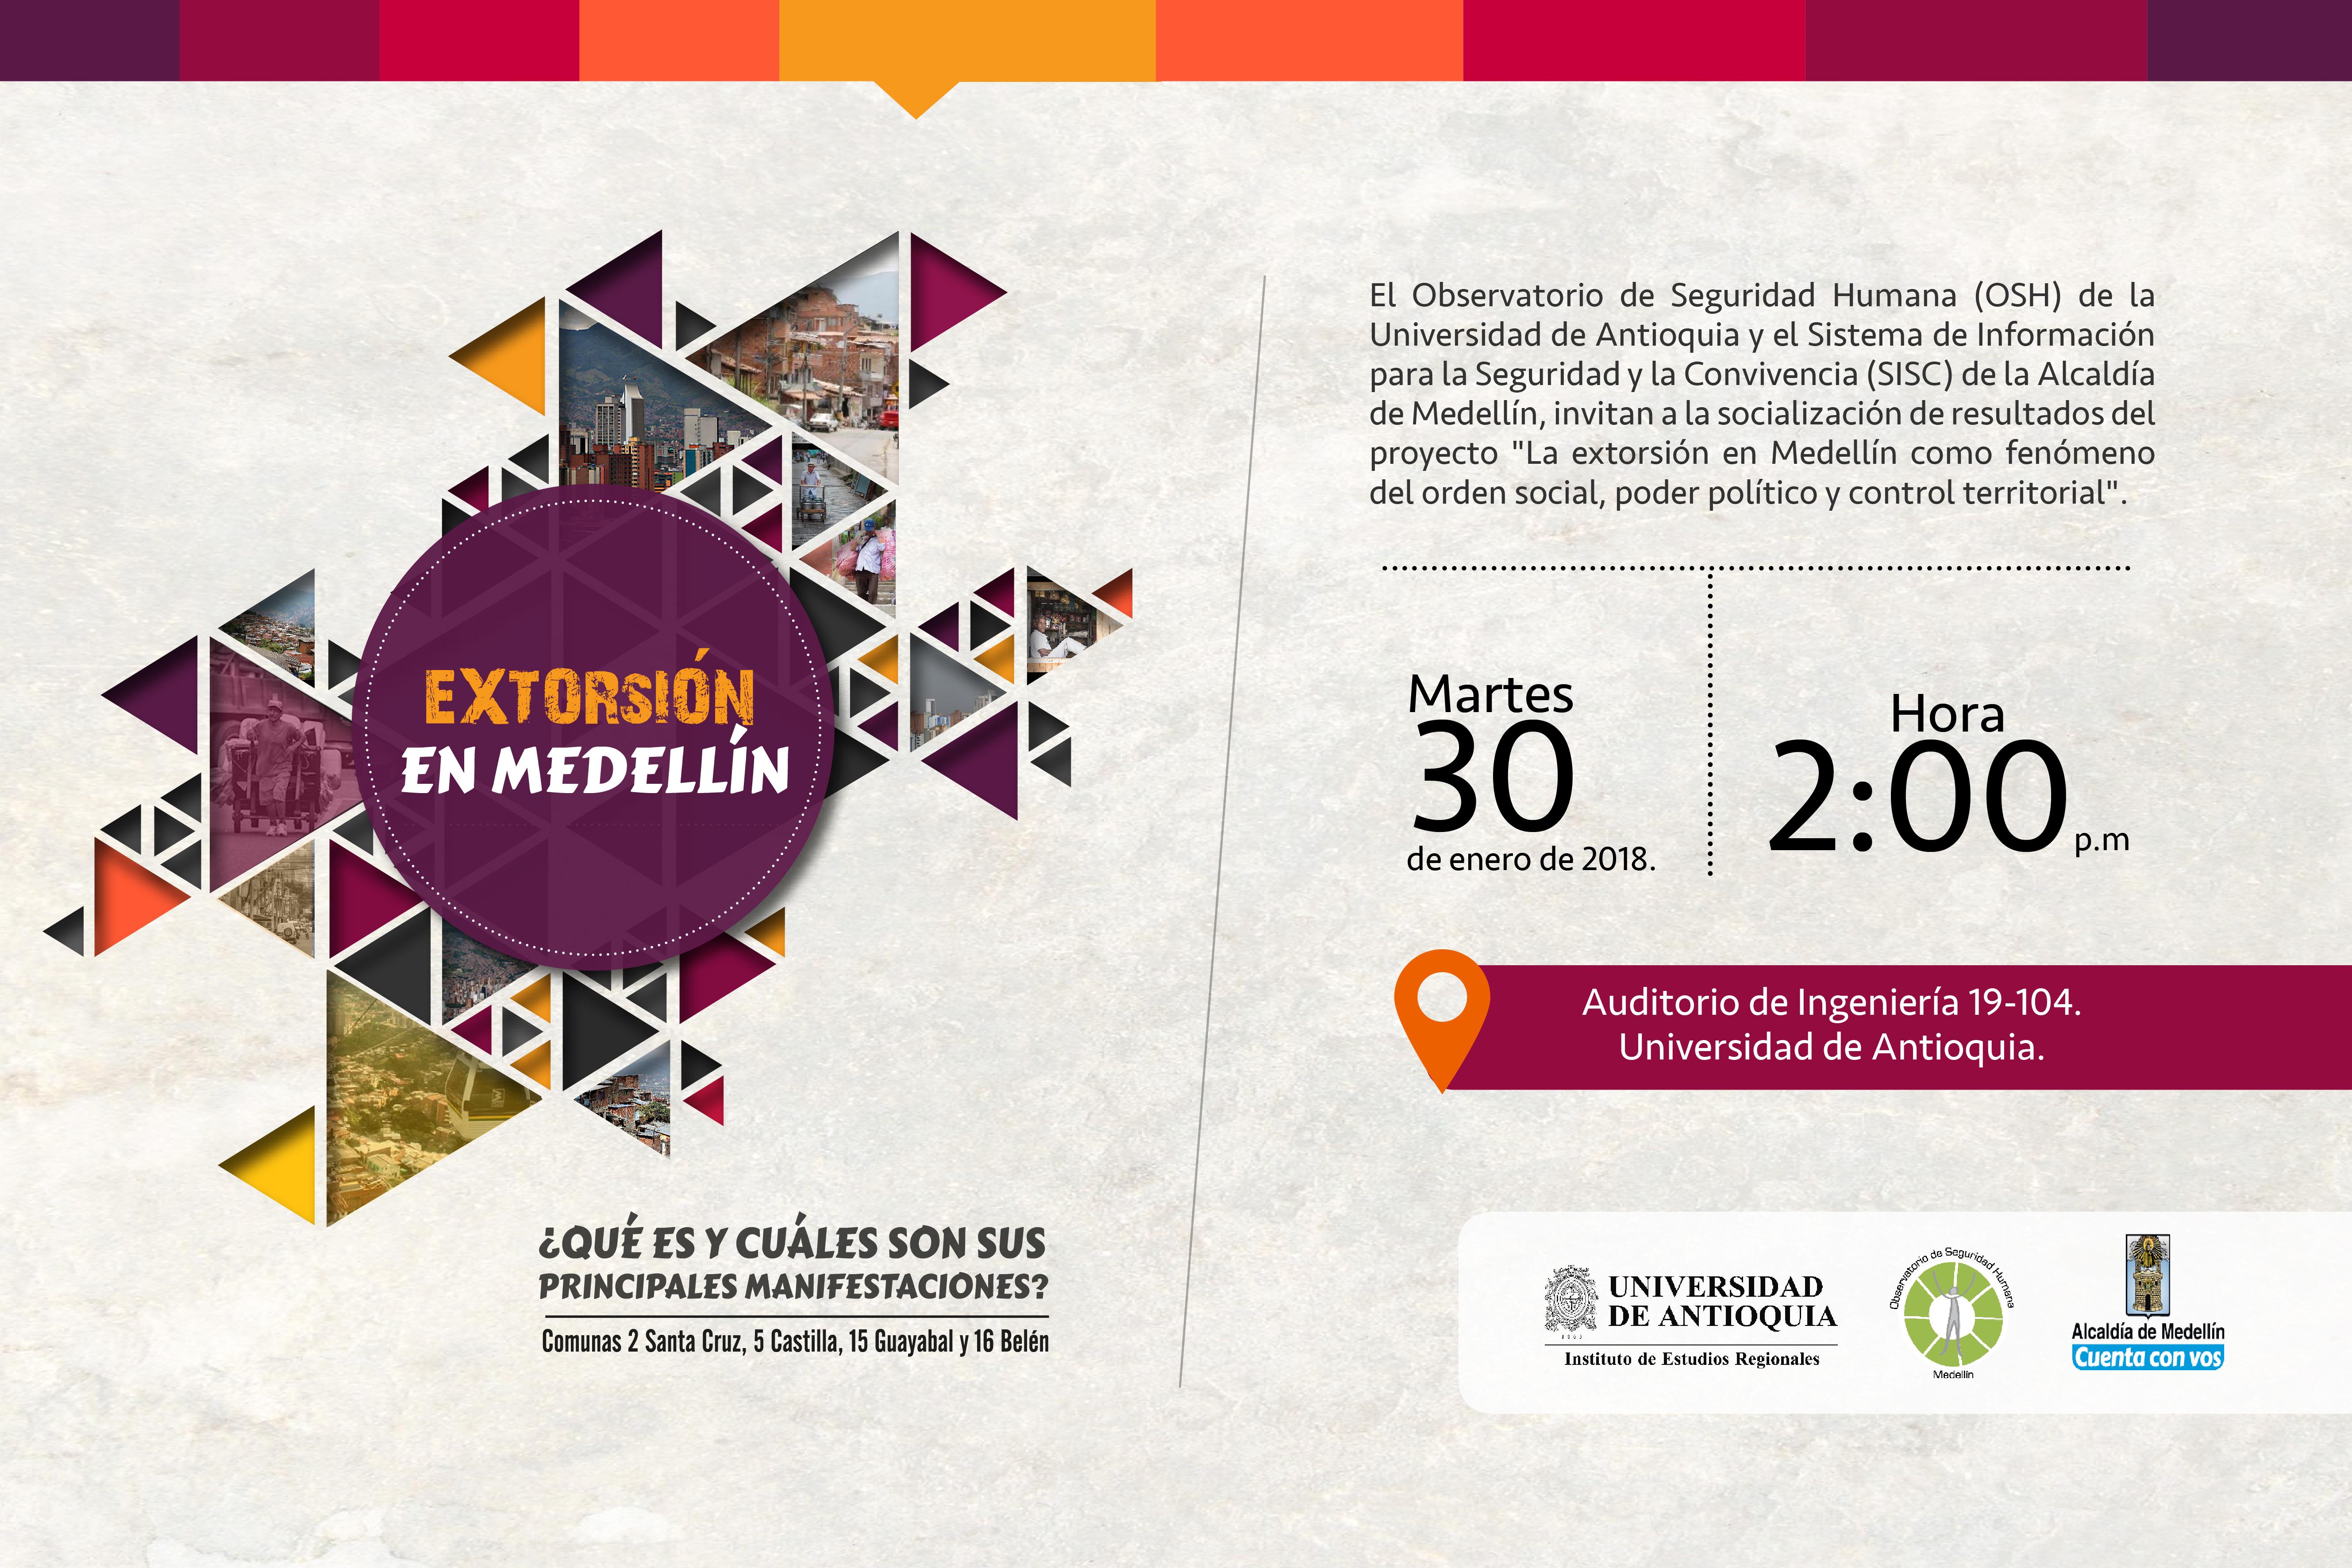 Extorsión en Medellín, ¿qué es y cuáles son sus principales manifestaciones? Comunas 2 Santa Cruz, 5 Castilla, 15 Guayabal y 16 Belén